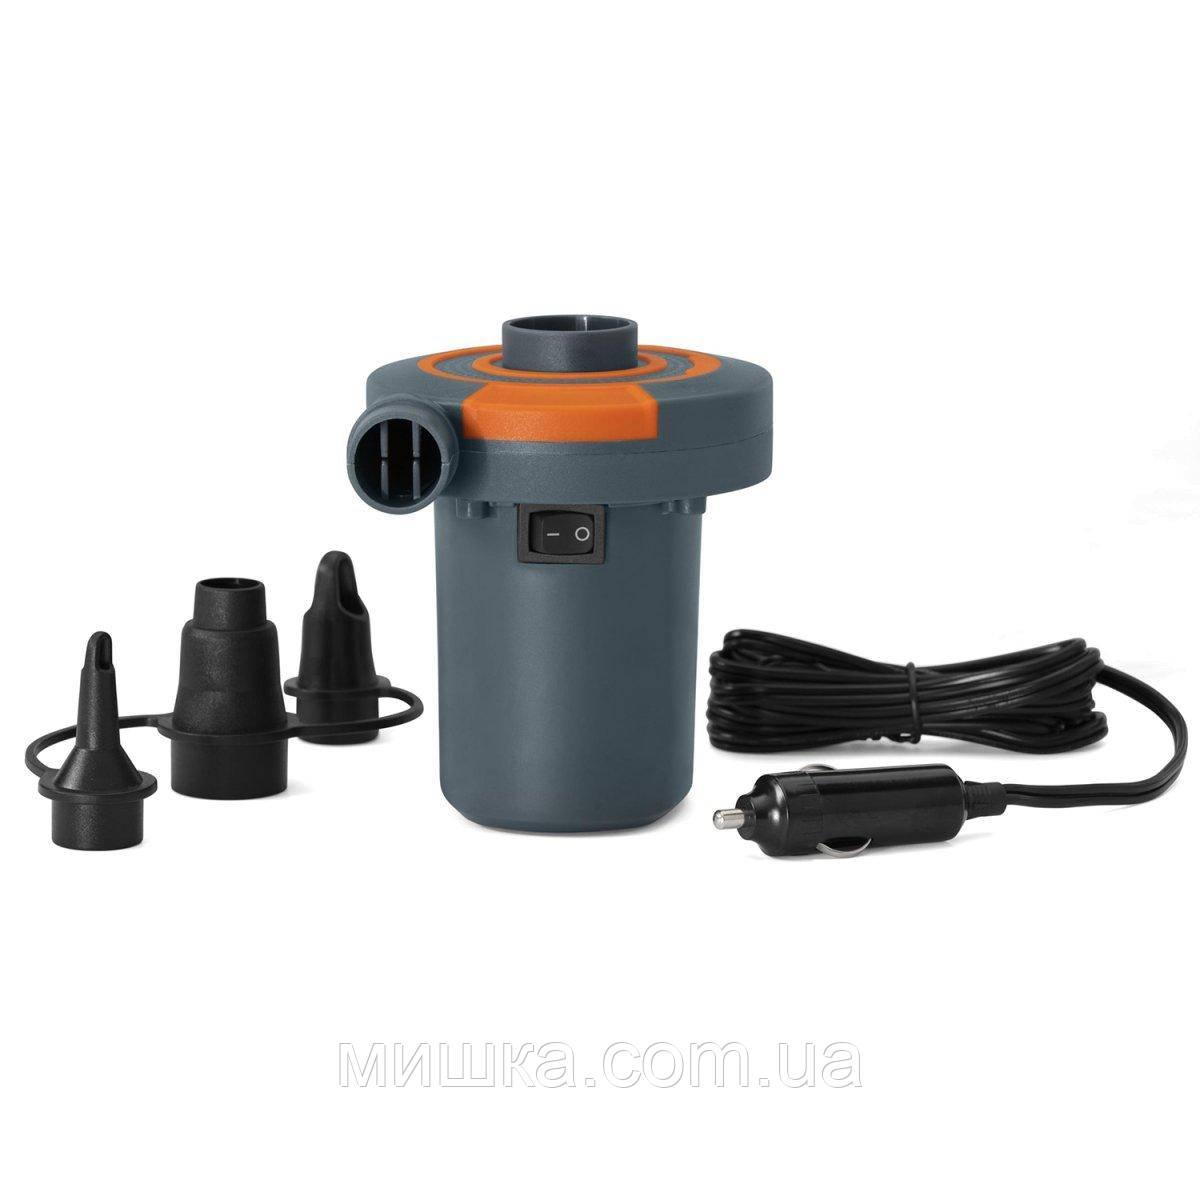 Электрический насос 62144 для надувных изделий, от прикуривателя 12V, 3 насадки, 680 л/мин